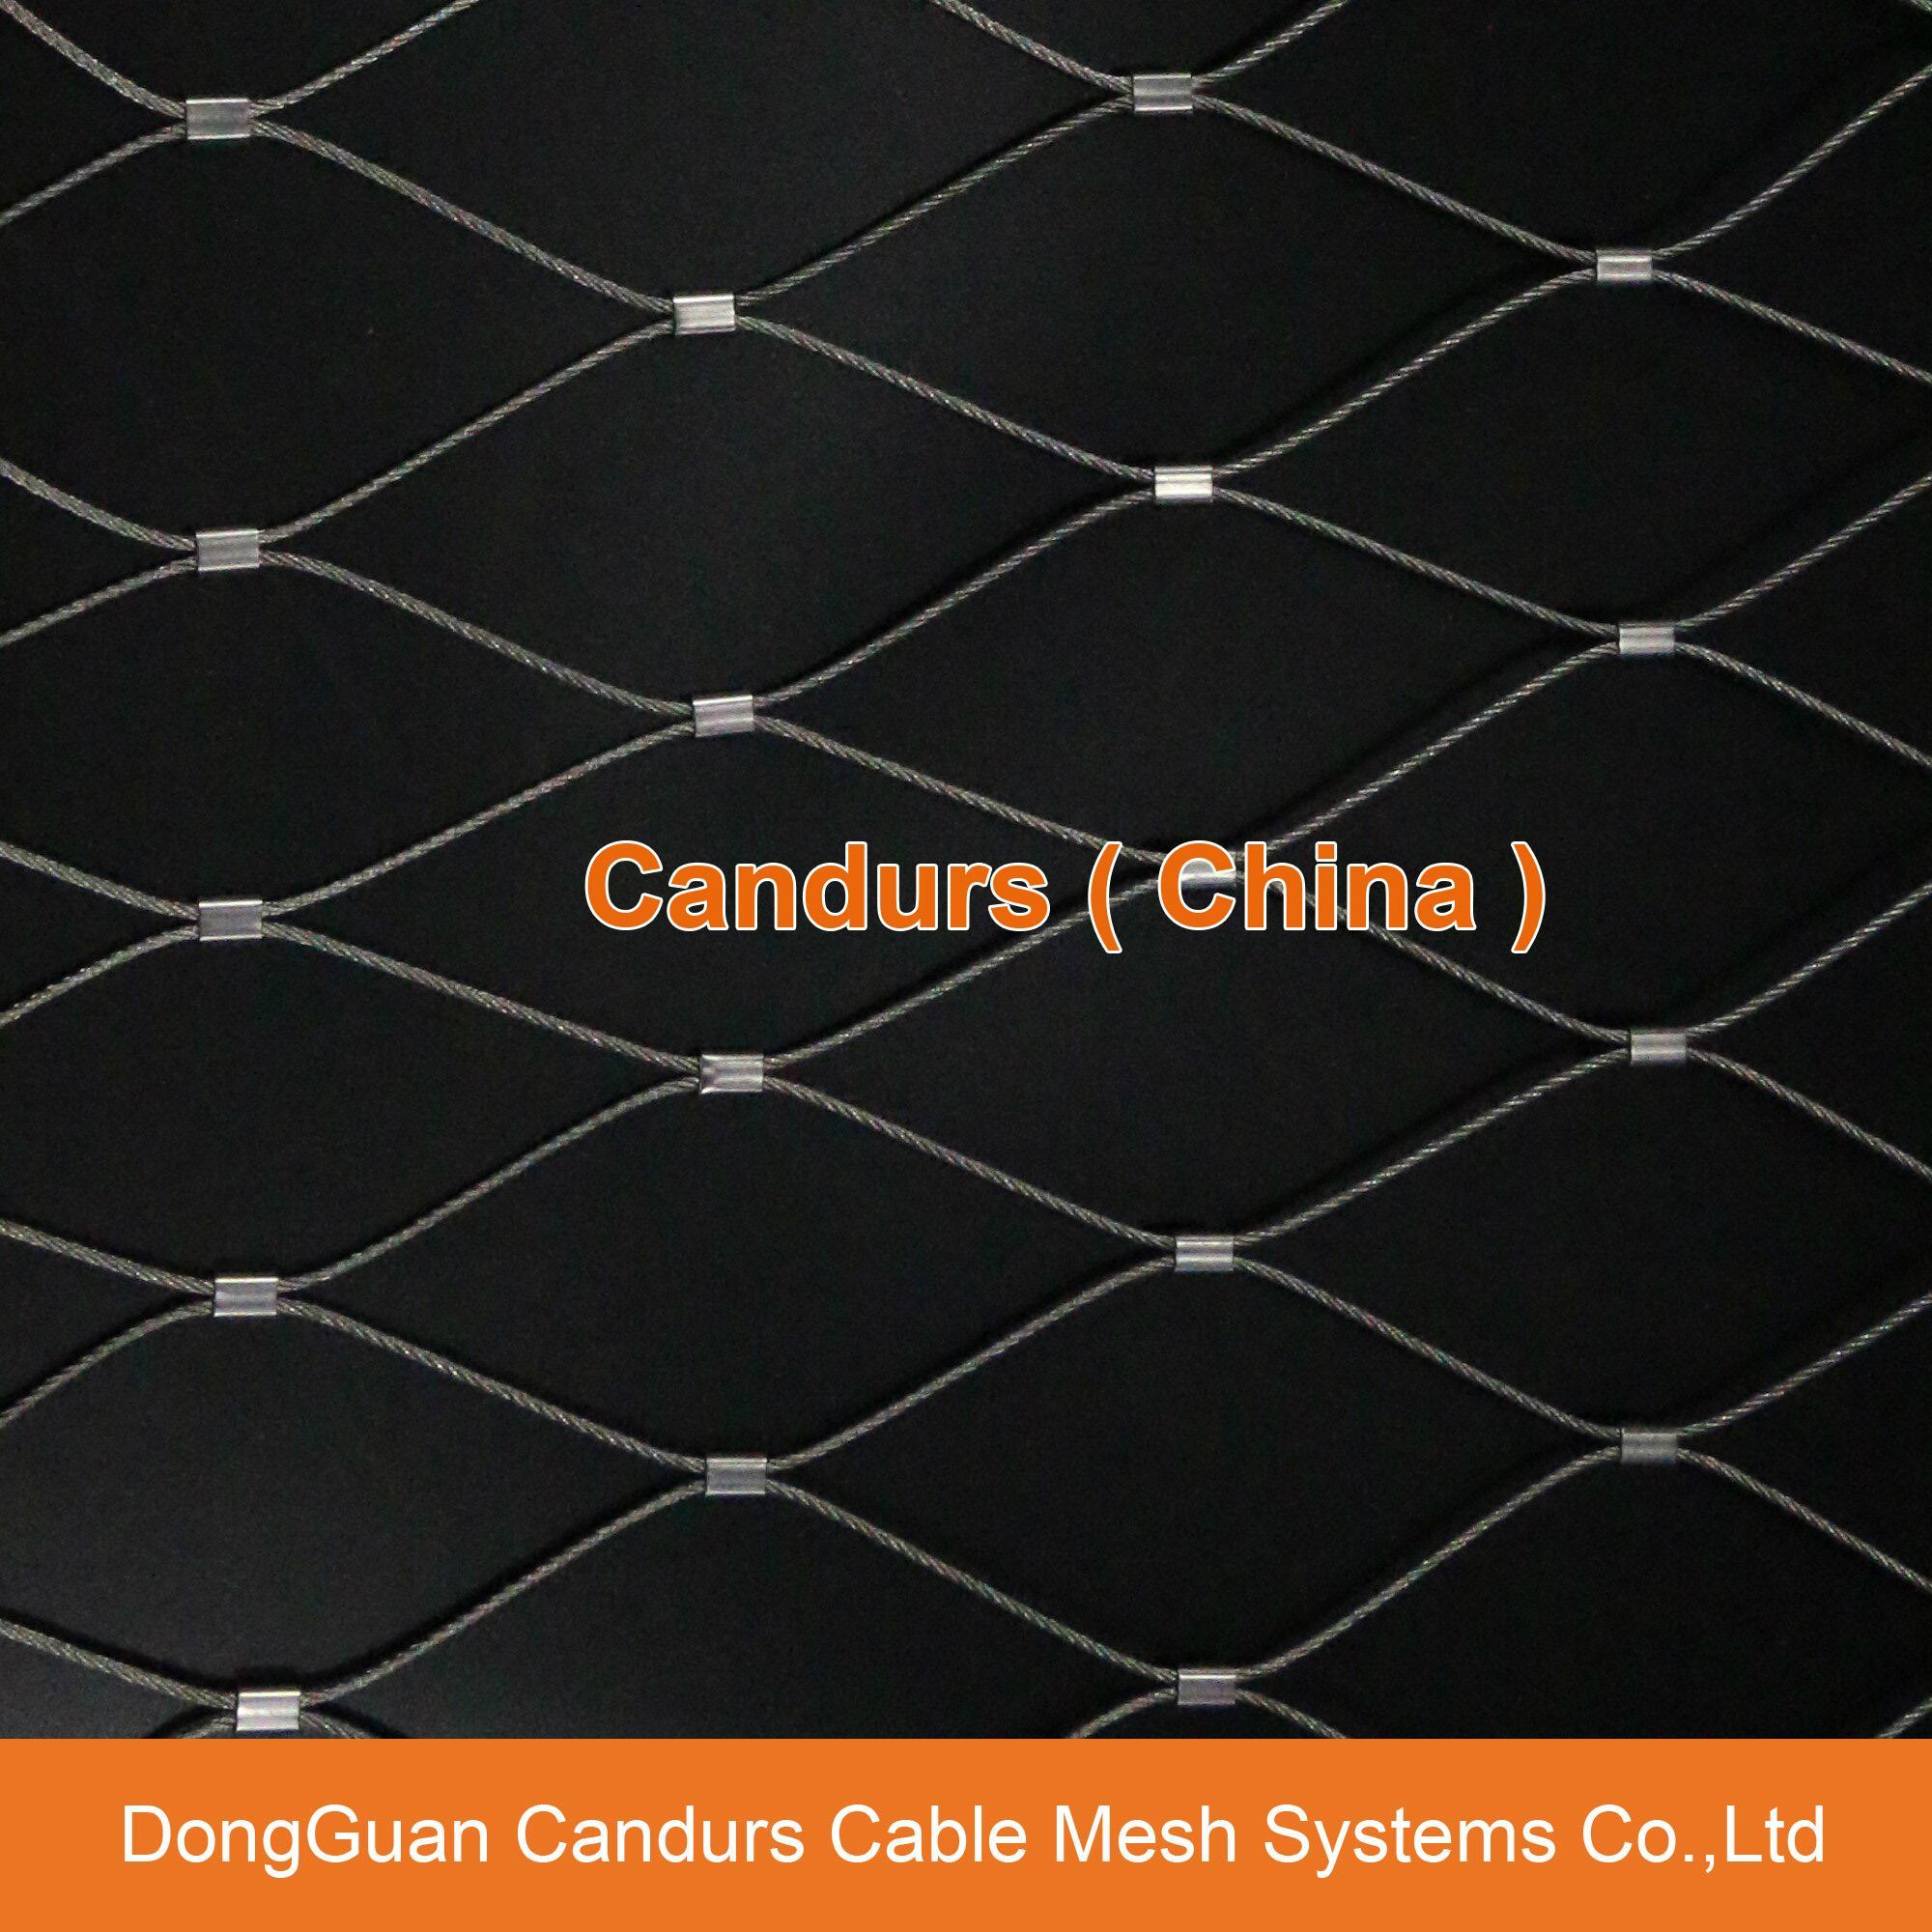 昌達不鏽鋼絲繩網——美標316不鏽鋼繩網 17